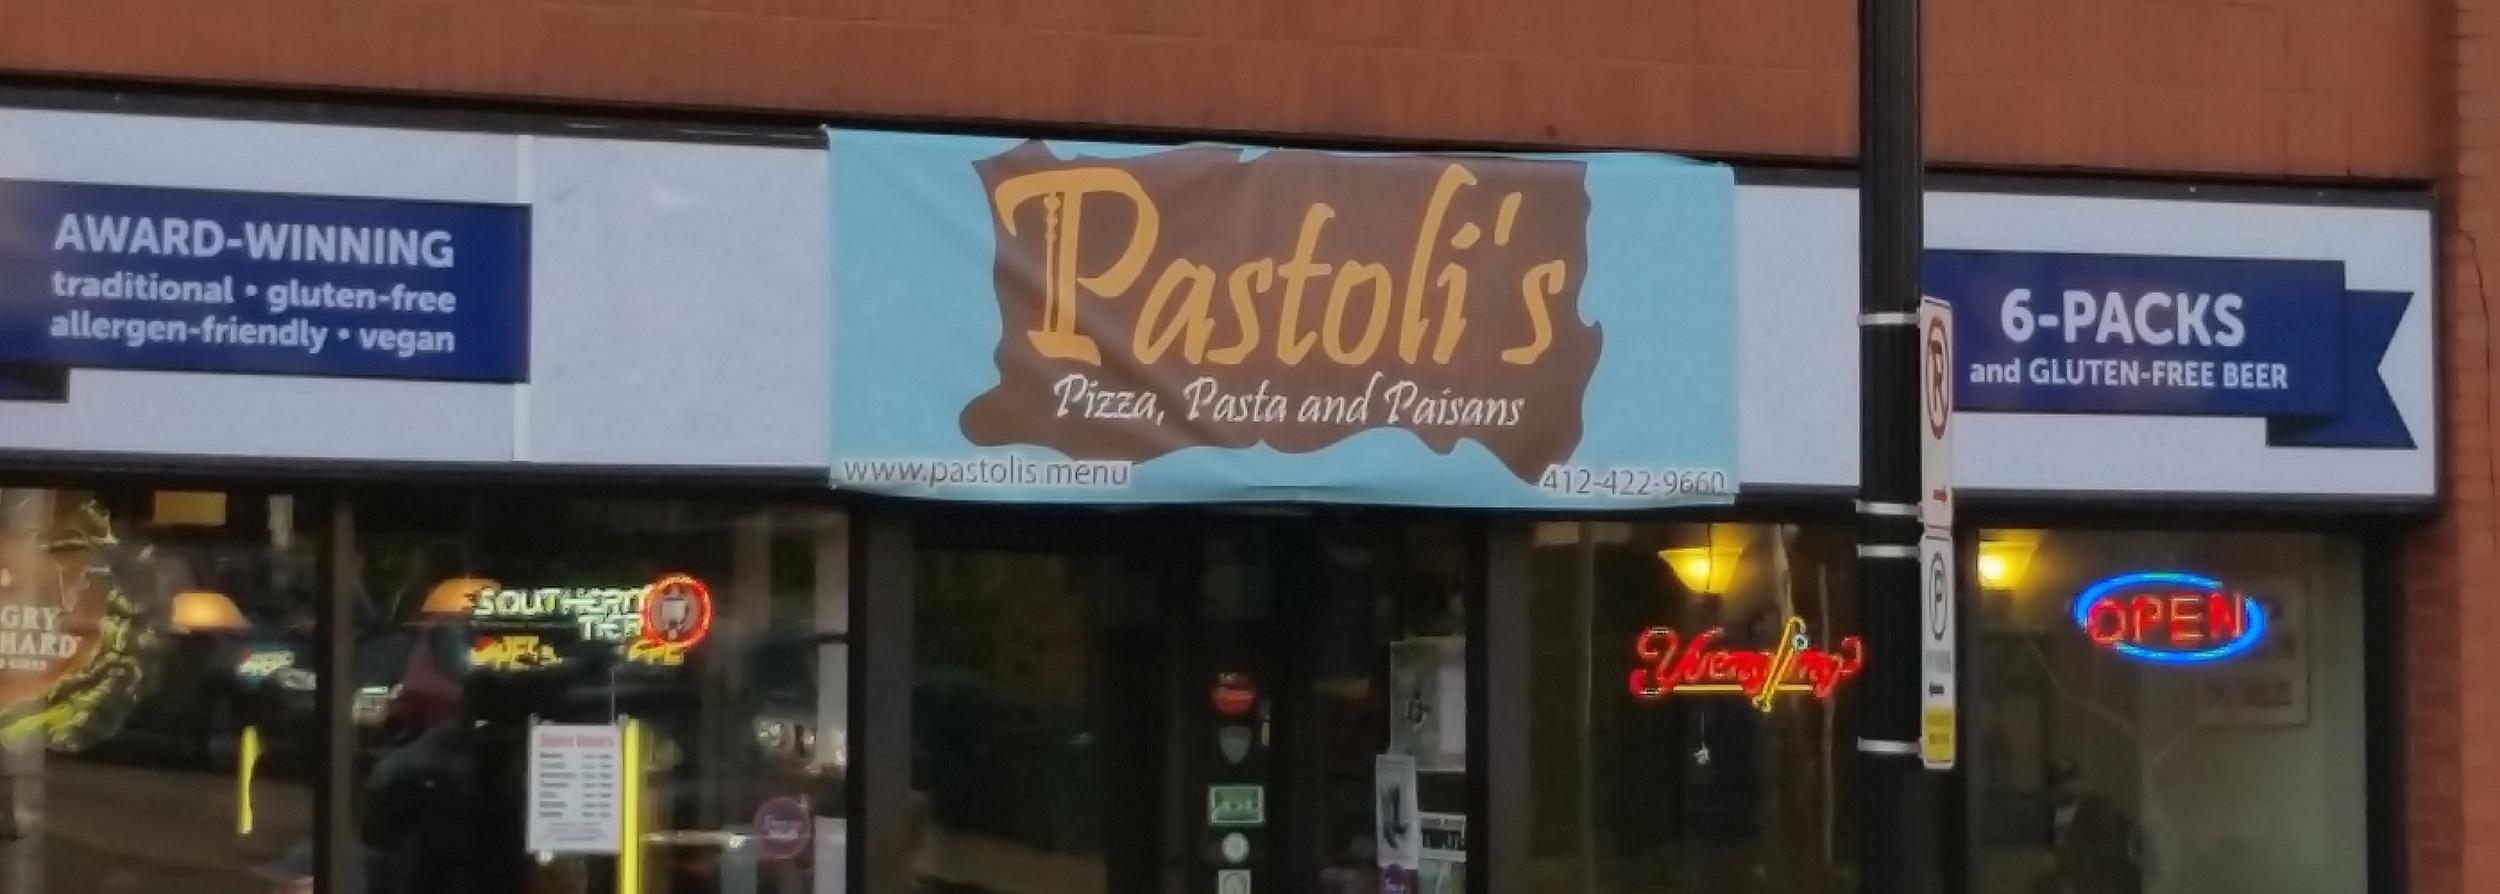 Pastoli's Pizza Pasta & Paisans!